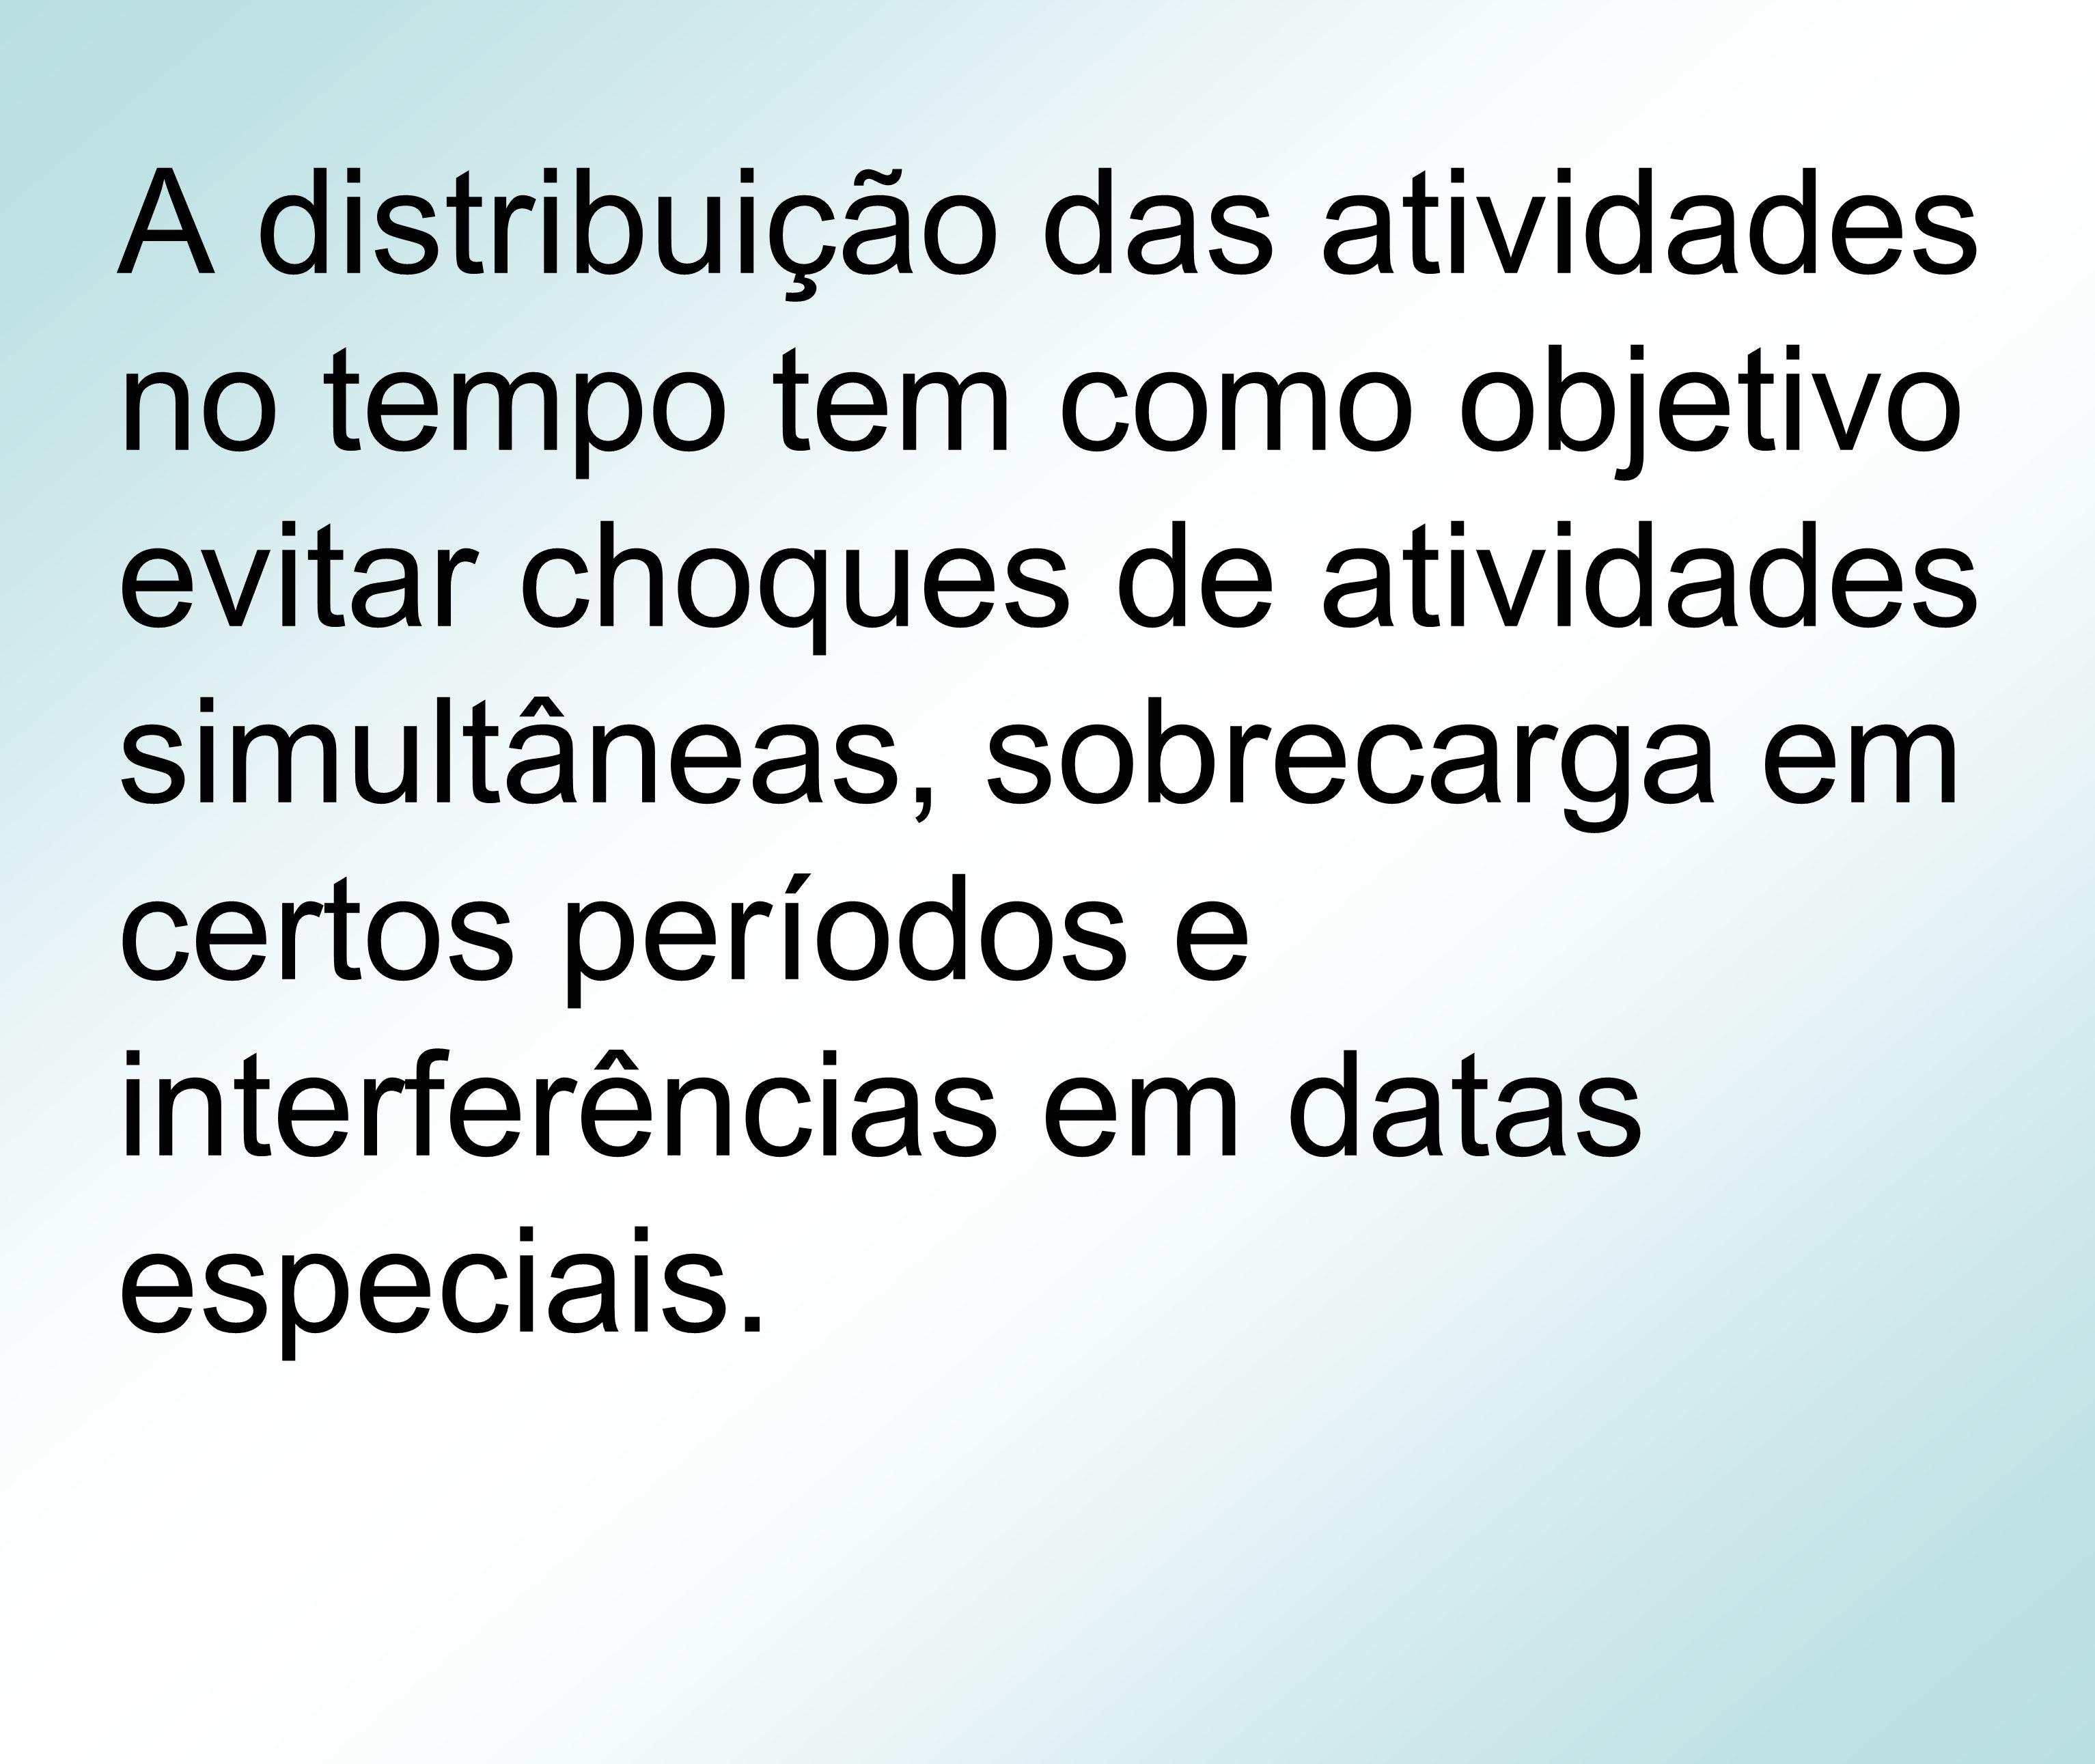 A distribuição das atividades no tempo tem como objetivo evitar choques de atividades simultâneas, sobrecarga em certos períodos e interferências em d